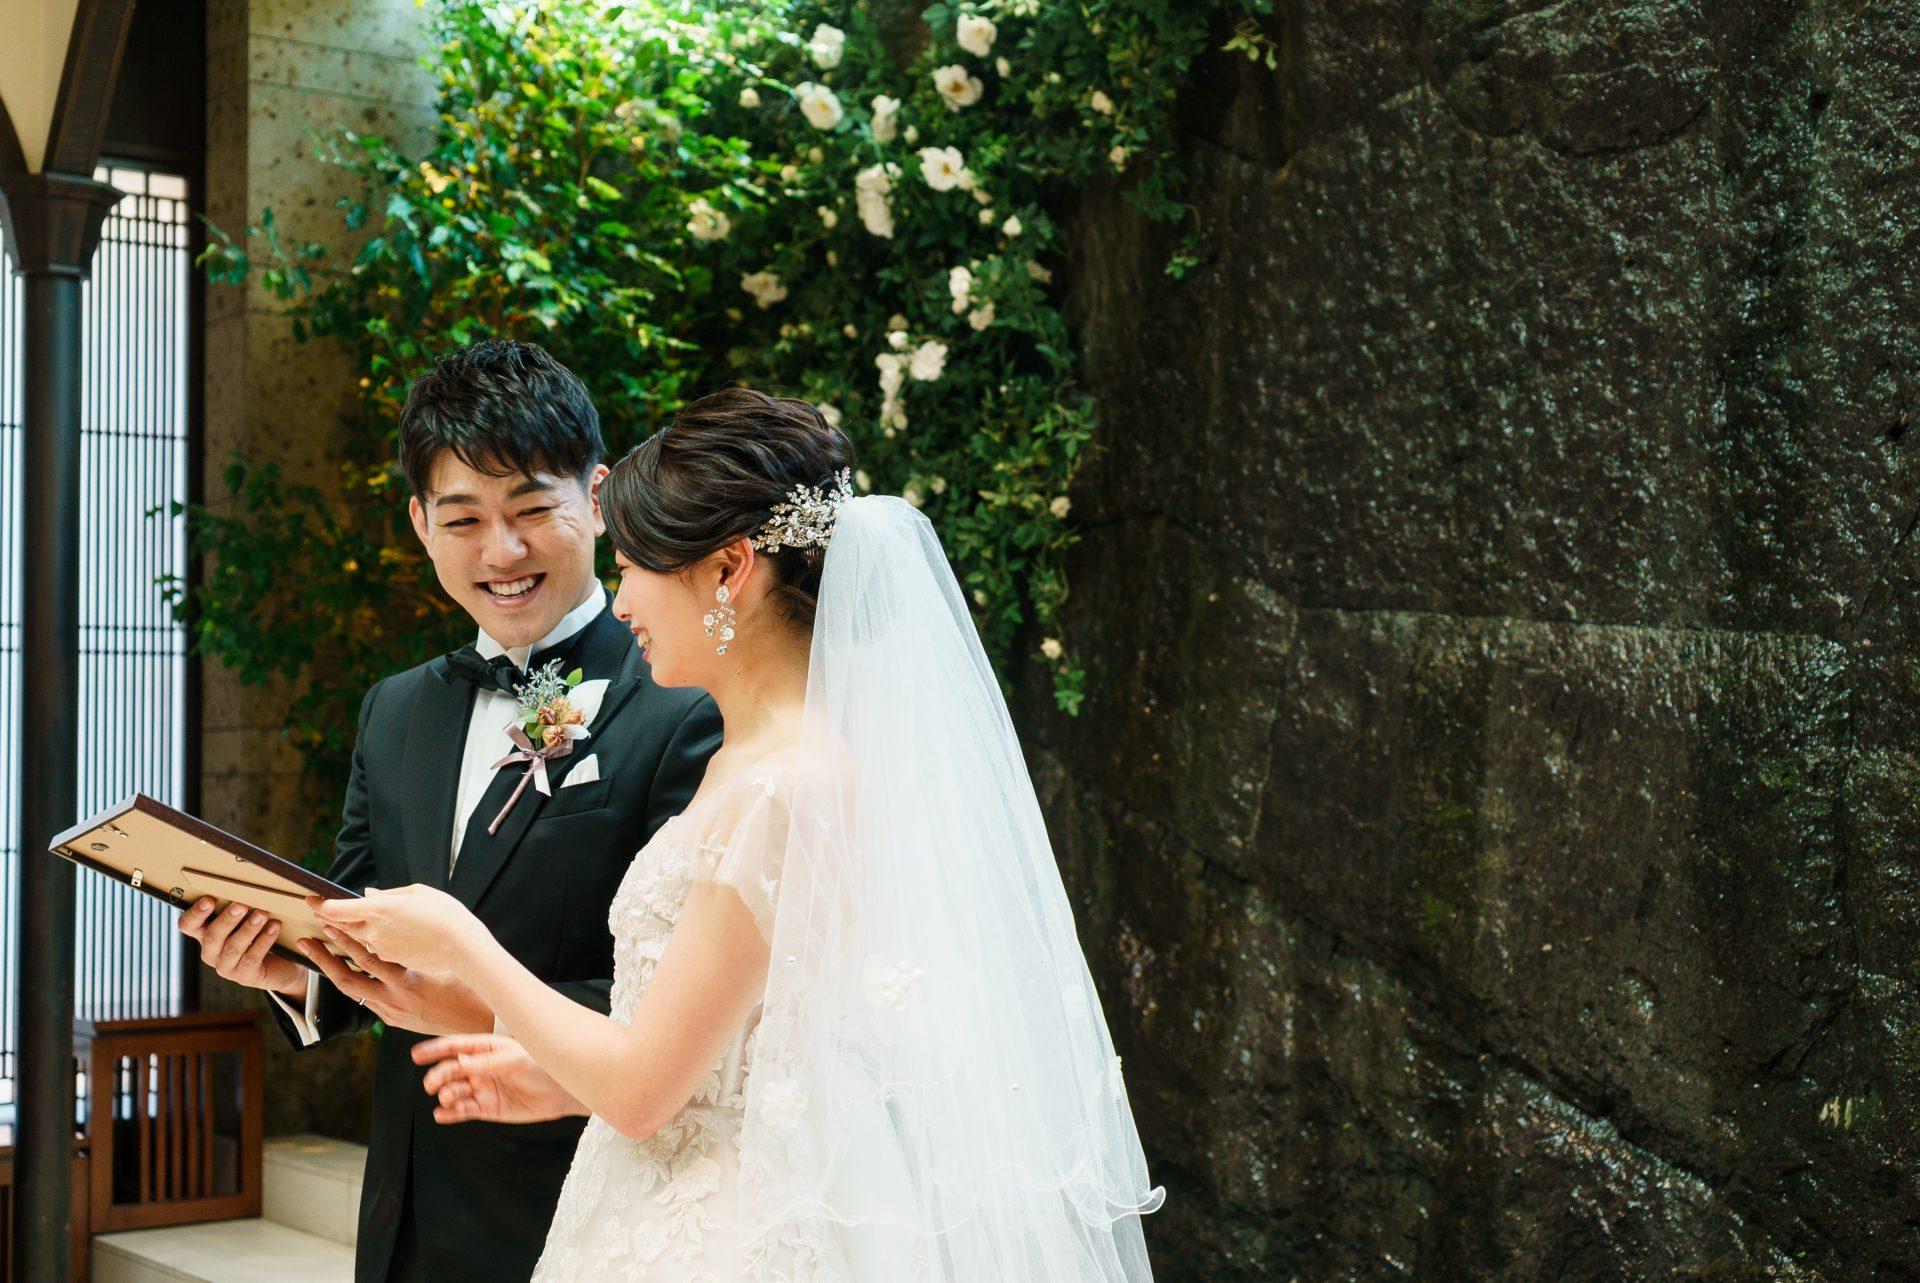 THE TREAT DRESSINGがザカワブンナゴヤでお式をする花嫁様におすすめするキャロリーナヘレラのウェディングドレス